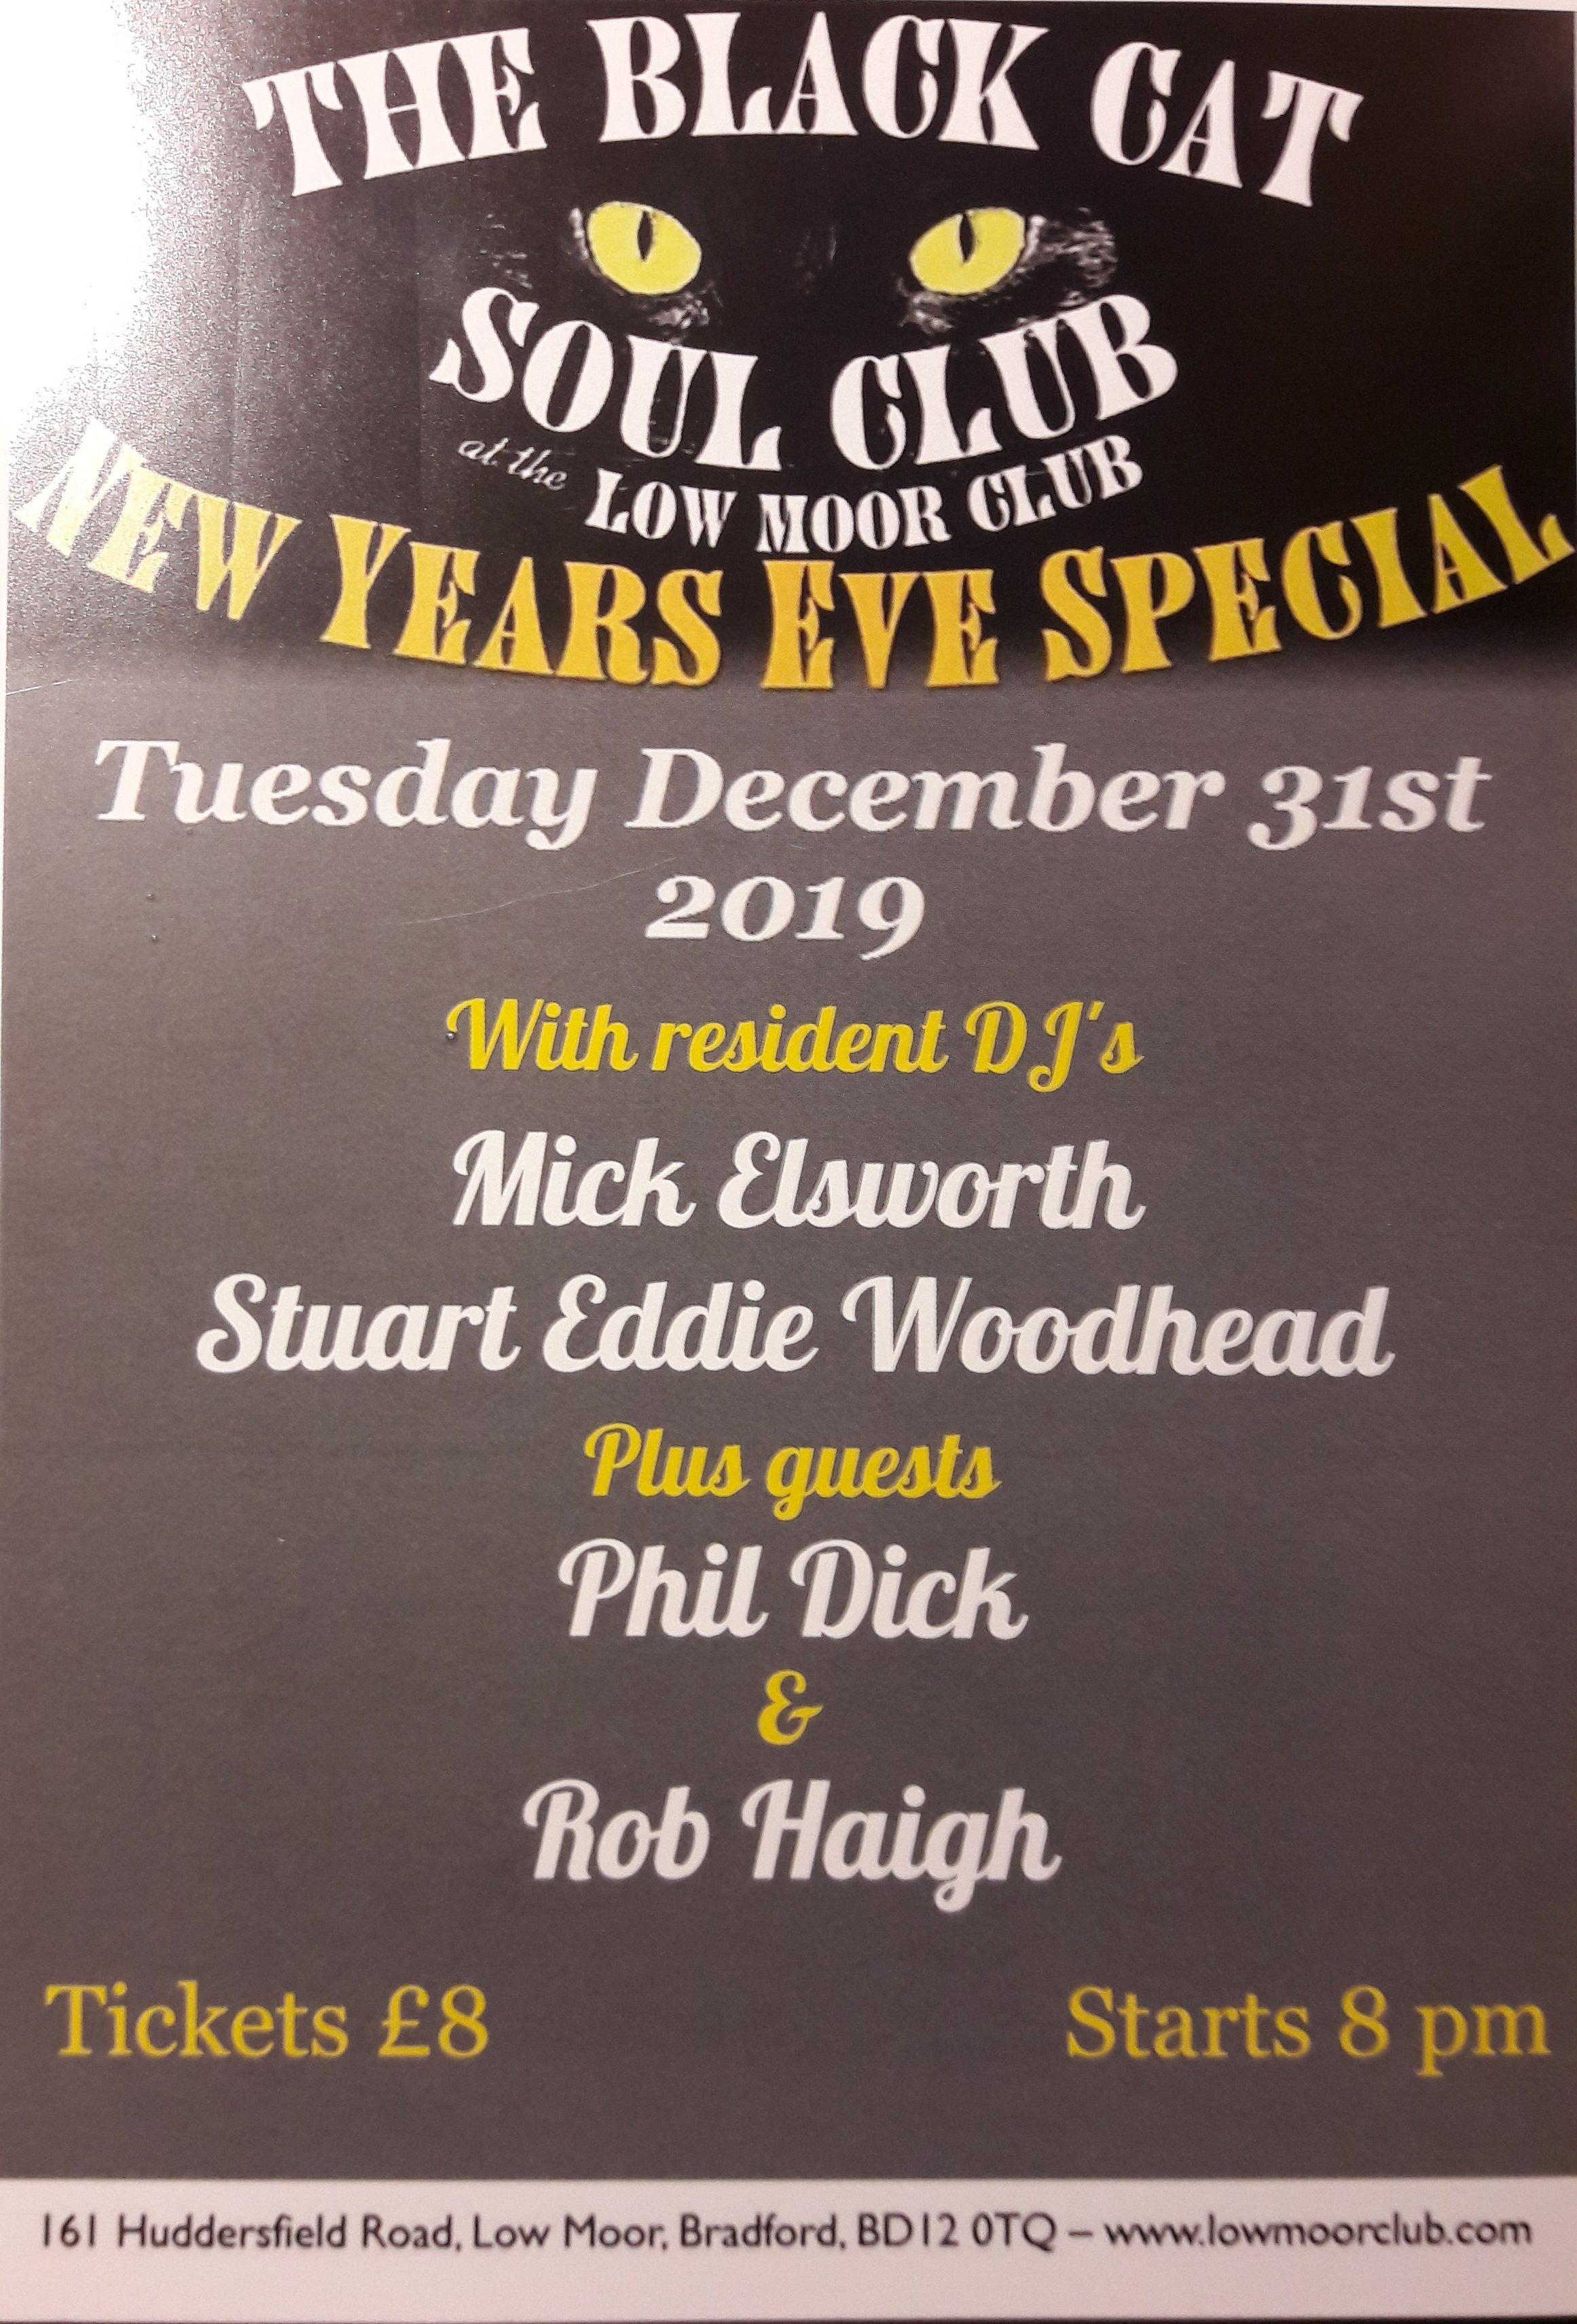 Low Moor Soul Club flyer